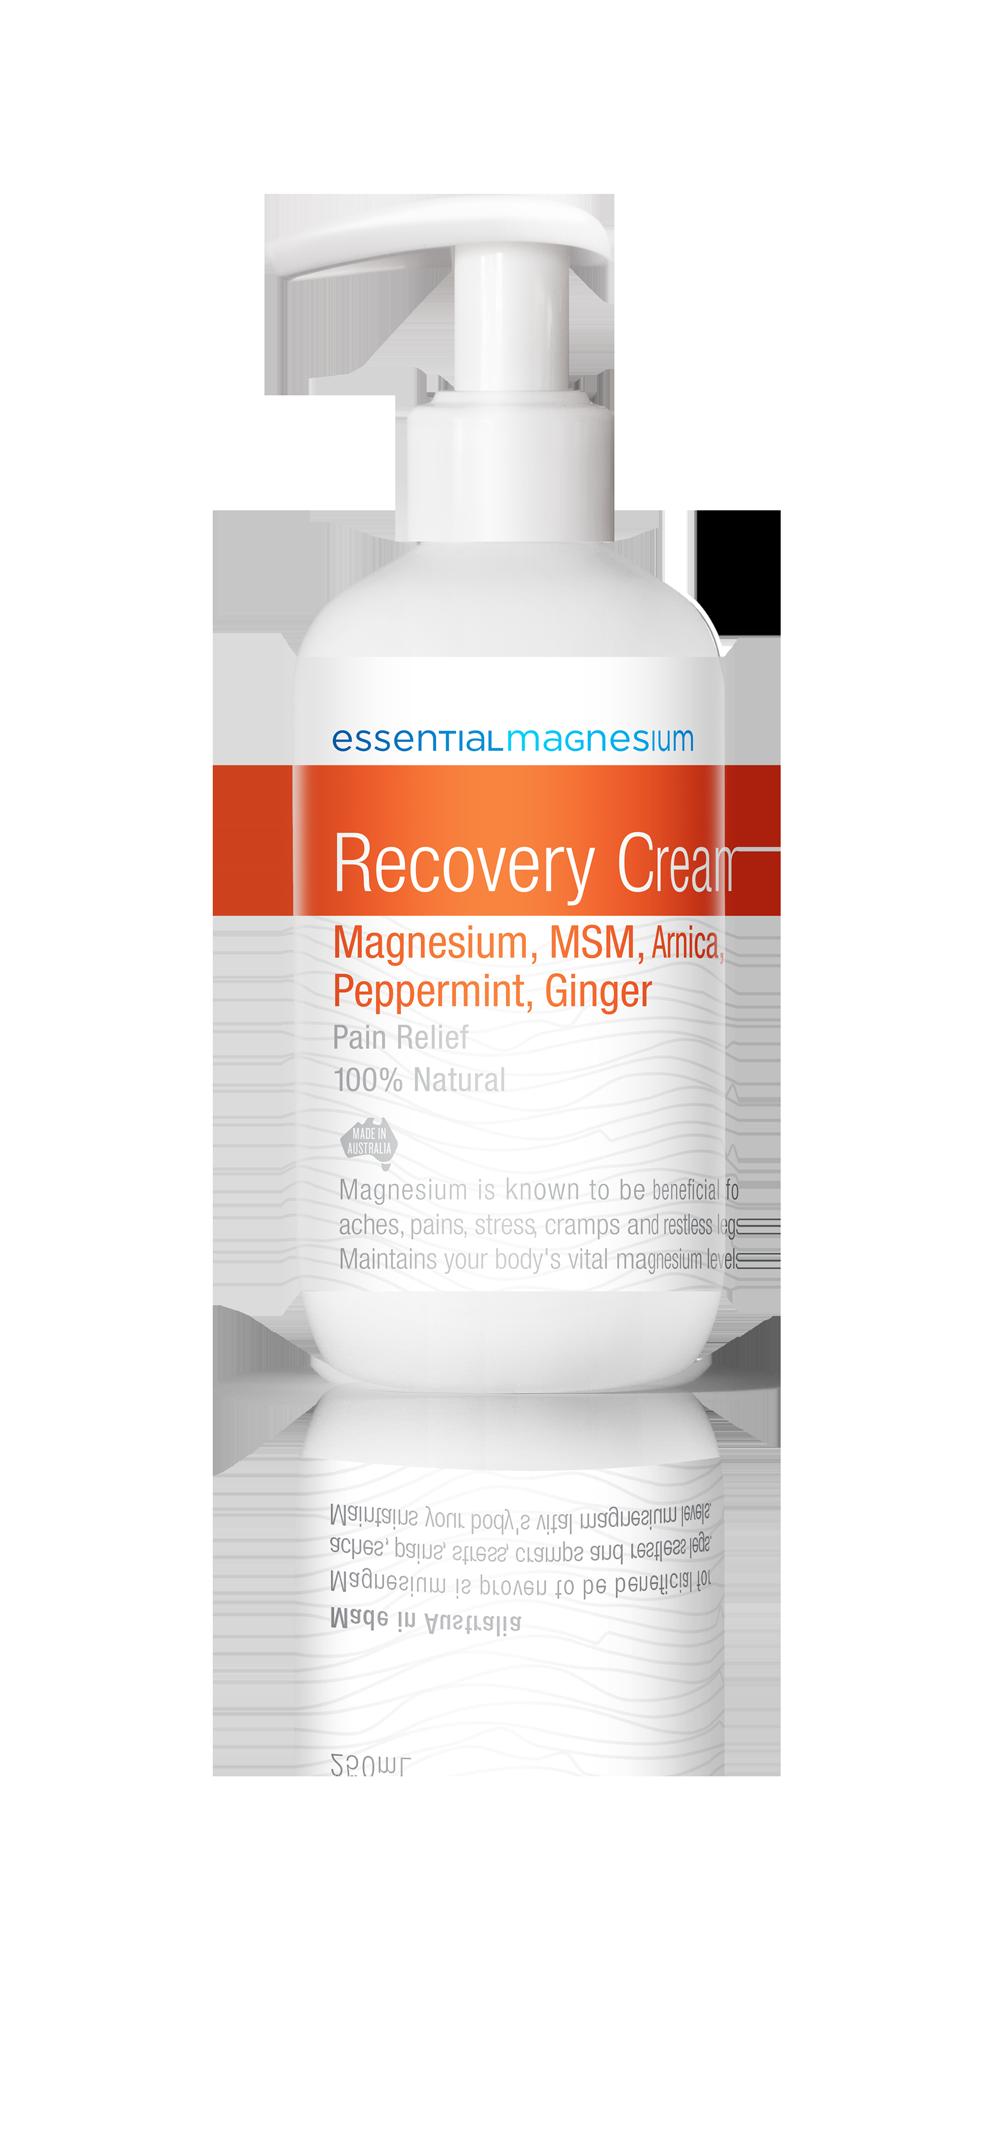 Essential Magnesium Recovery Cream